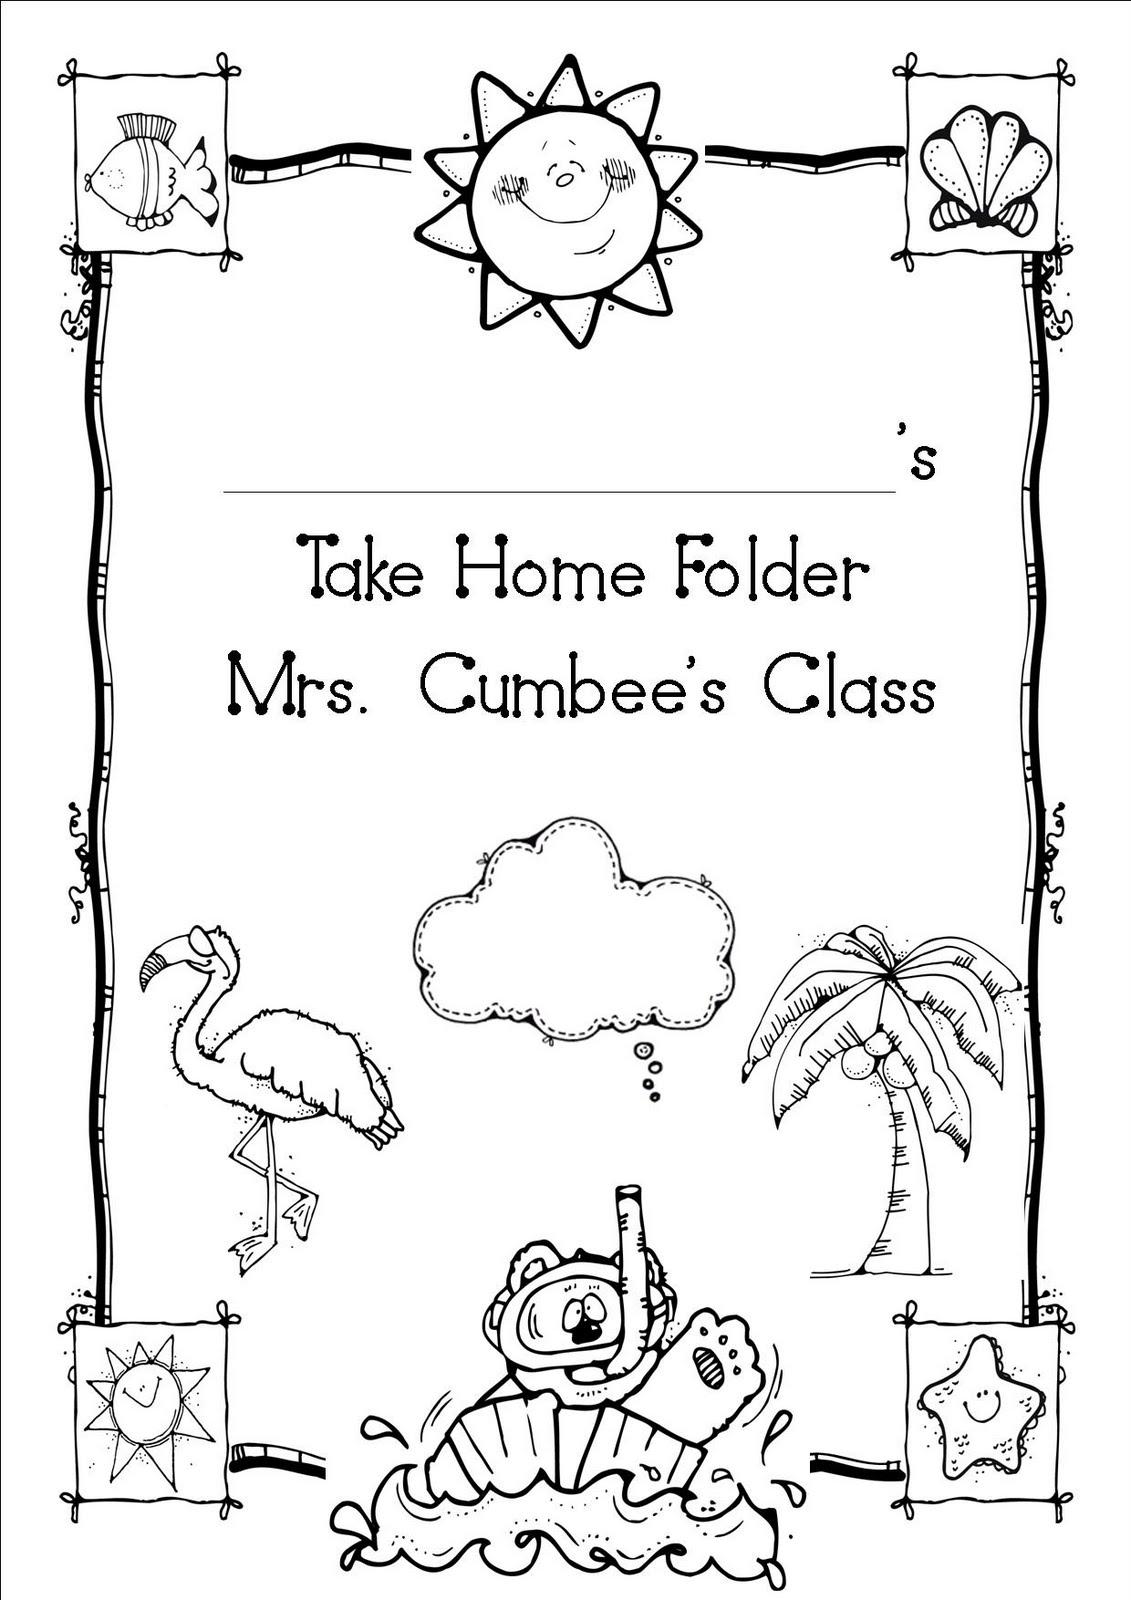 Oceans of Teaching Ideas: Take home folder cover